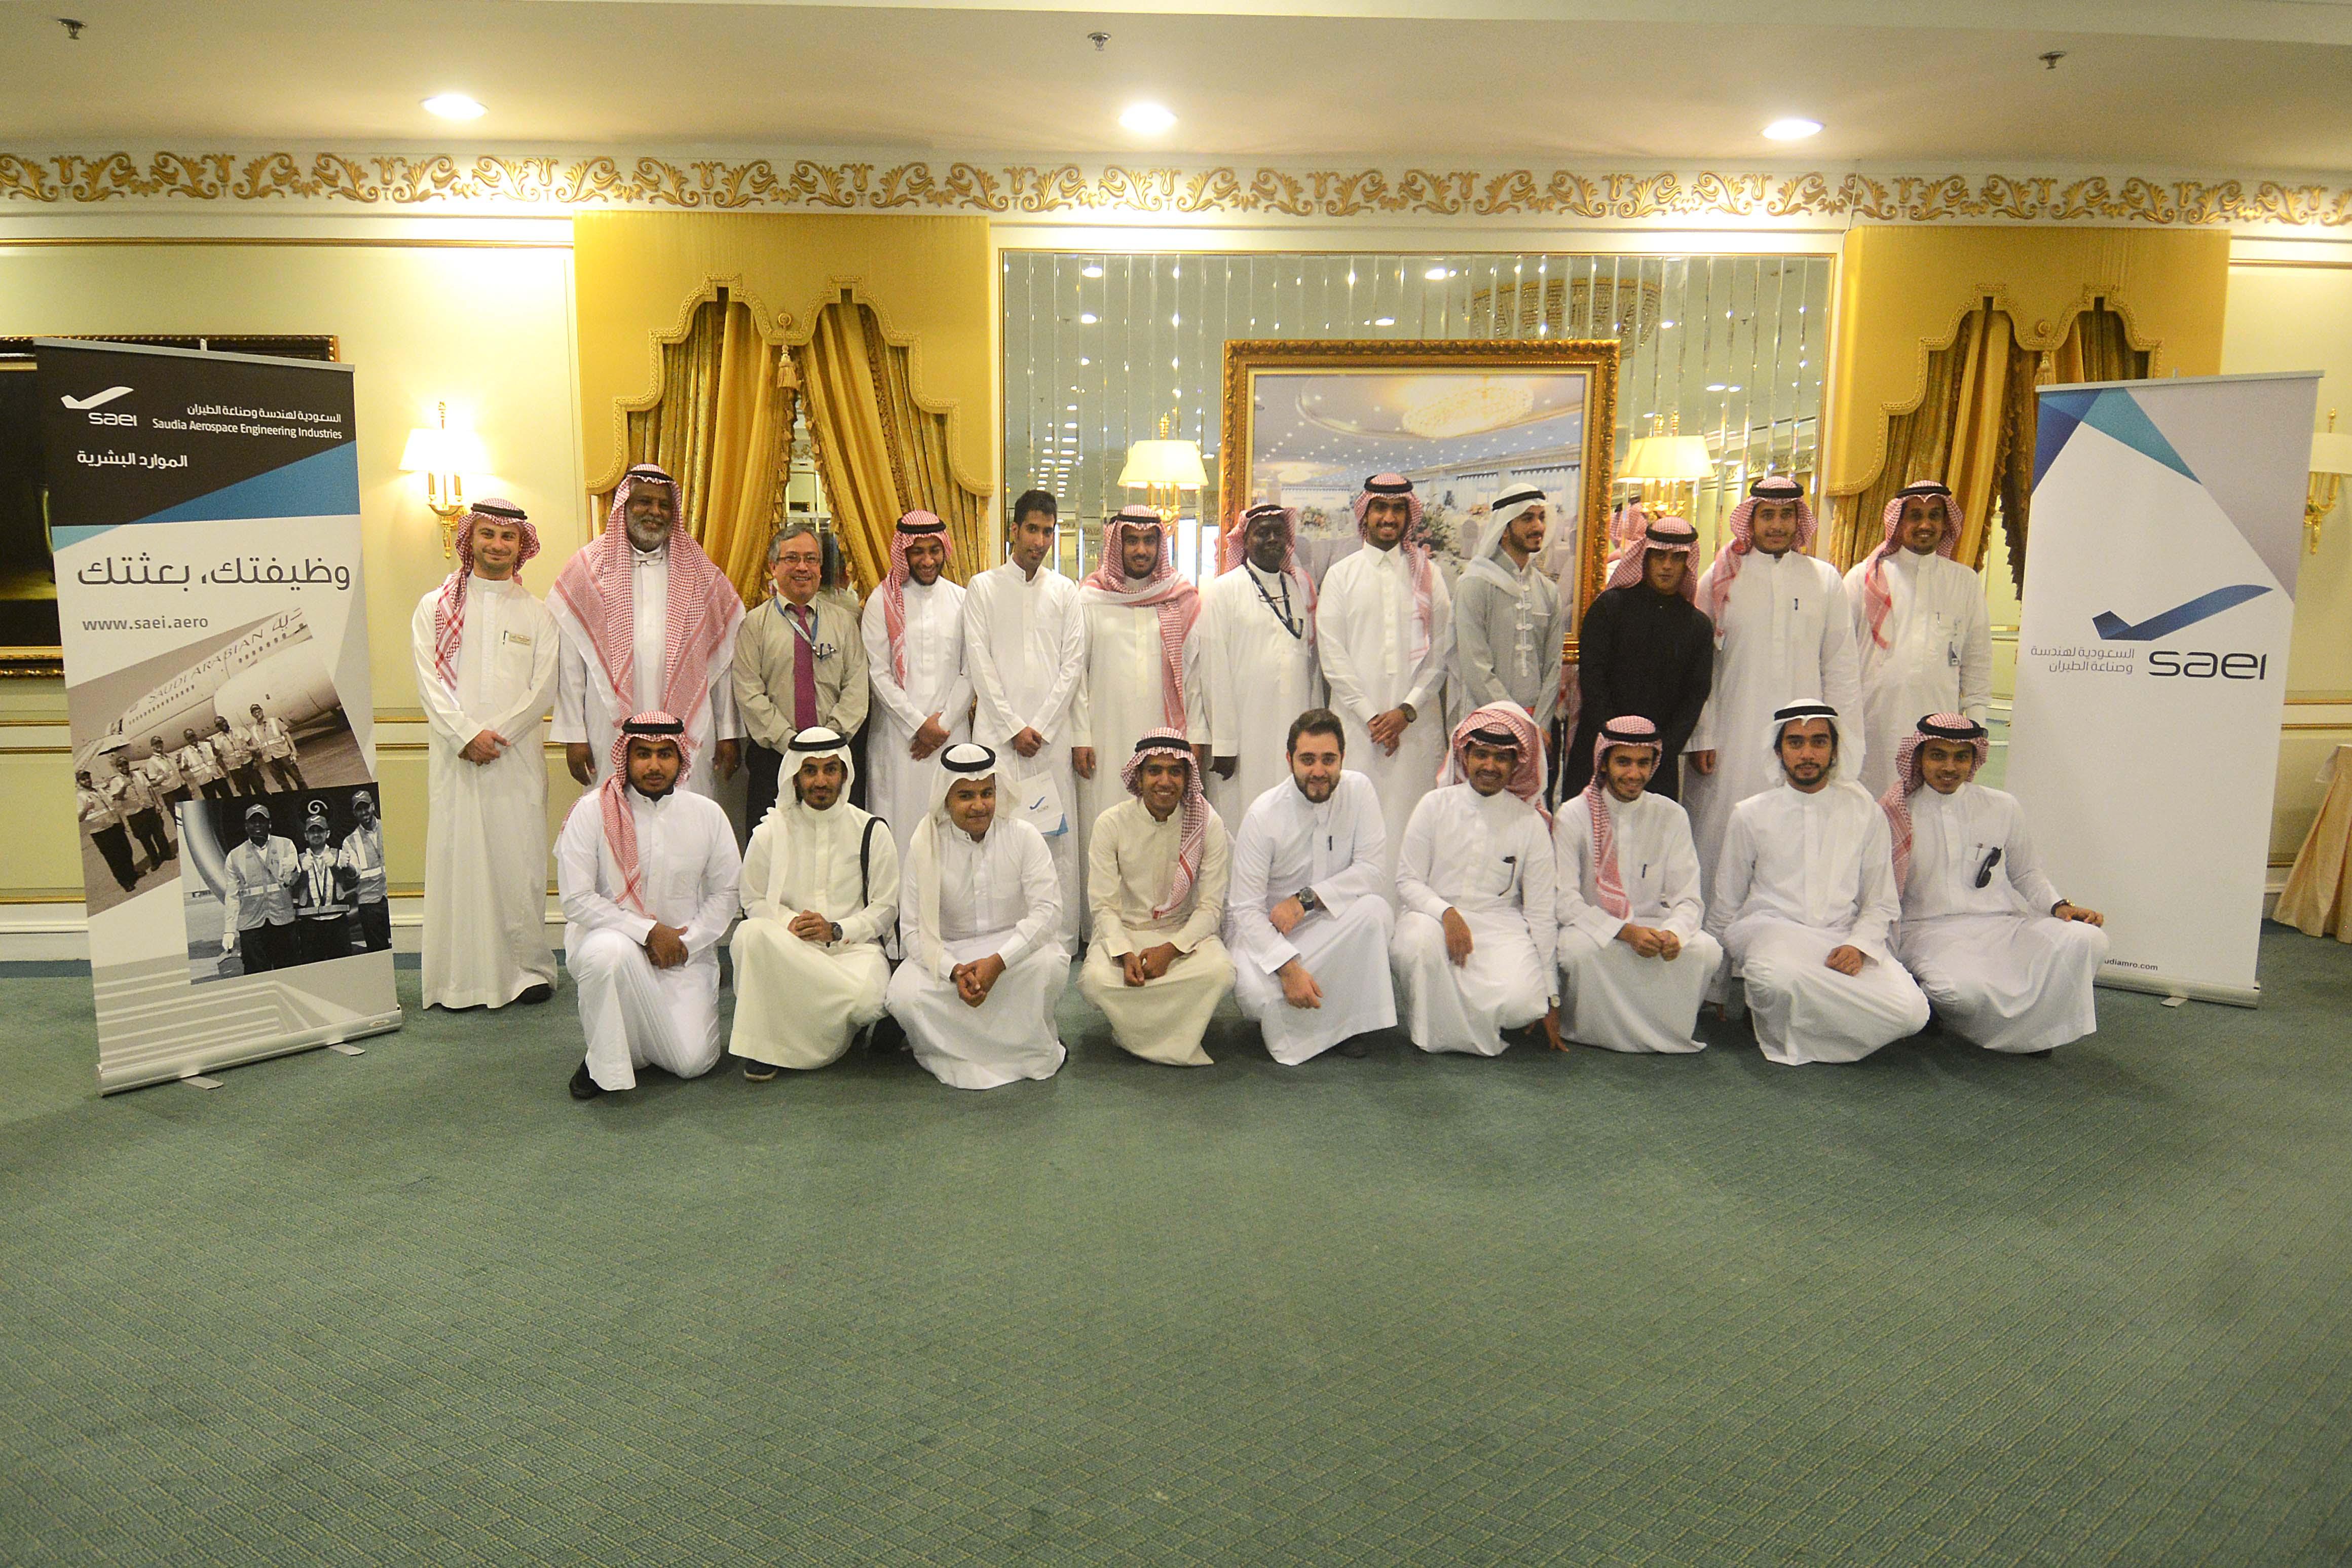 الخطوط الجوية السعودية تبدأ مقابلات التوظيف في جدة (3)